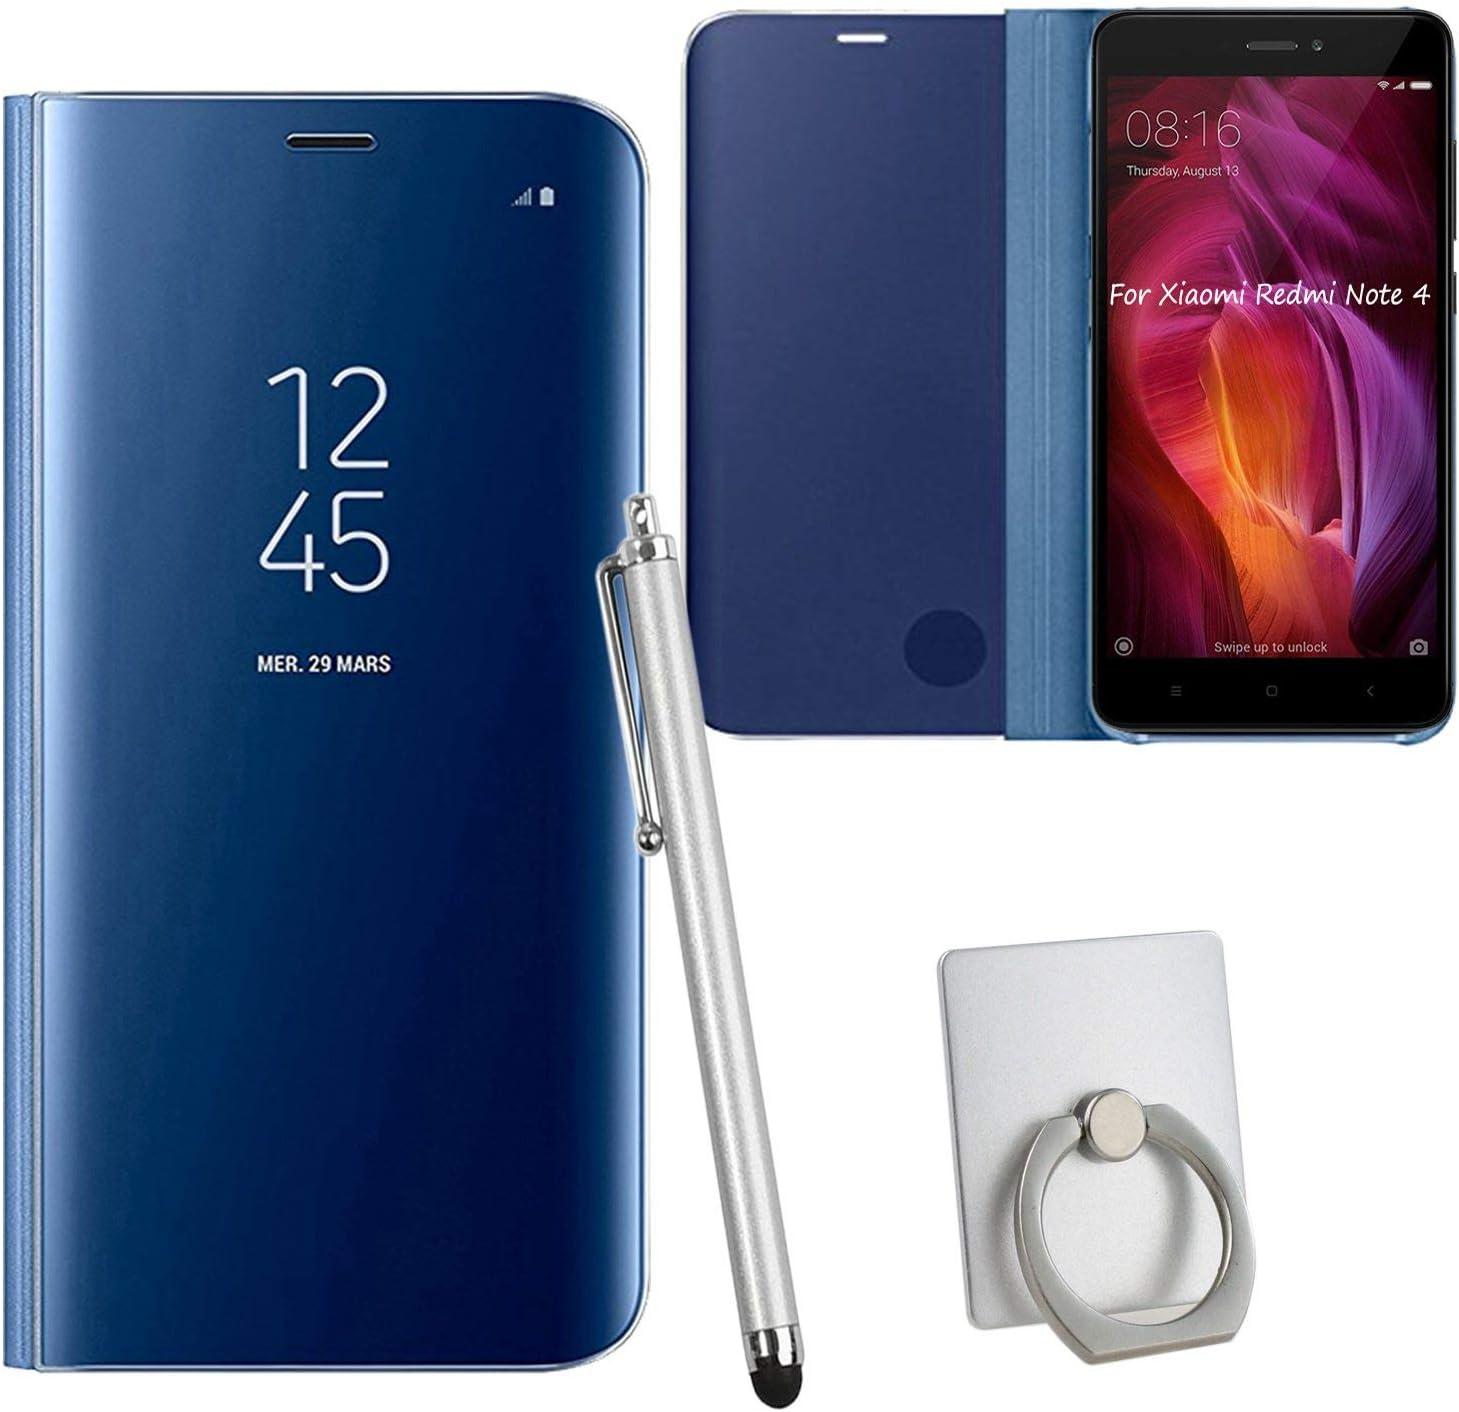 Guran® Mirror Efecto Espejo Funda para Xiaomi Redmi Note 4 Clear View Función de Soporte Plegable Smartphone Funda Protectora (Azul Oscuro): Amazon.es: Electrónica